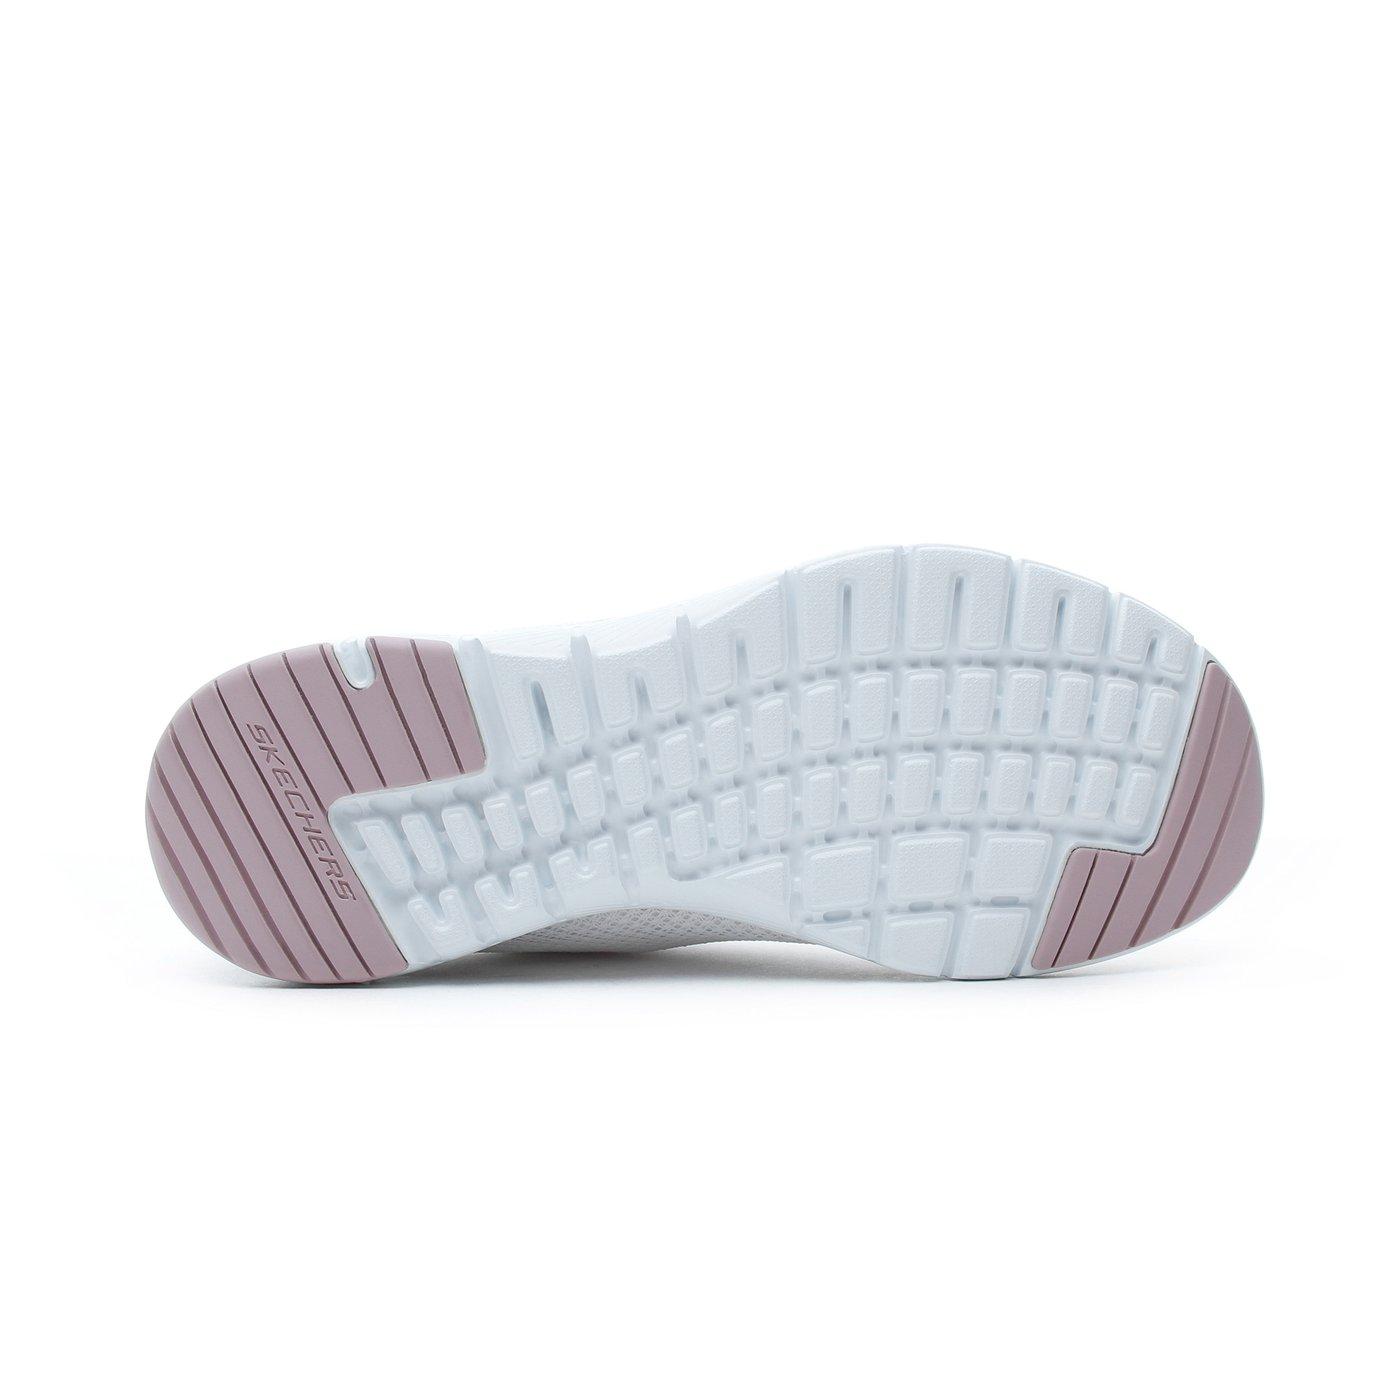 Skechers Flex Appeal 3.0 Kadın Beyaz Pembe-Altın Spor Ayakkabı